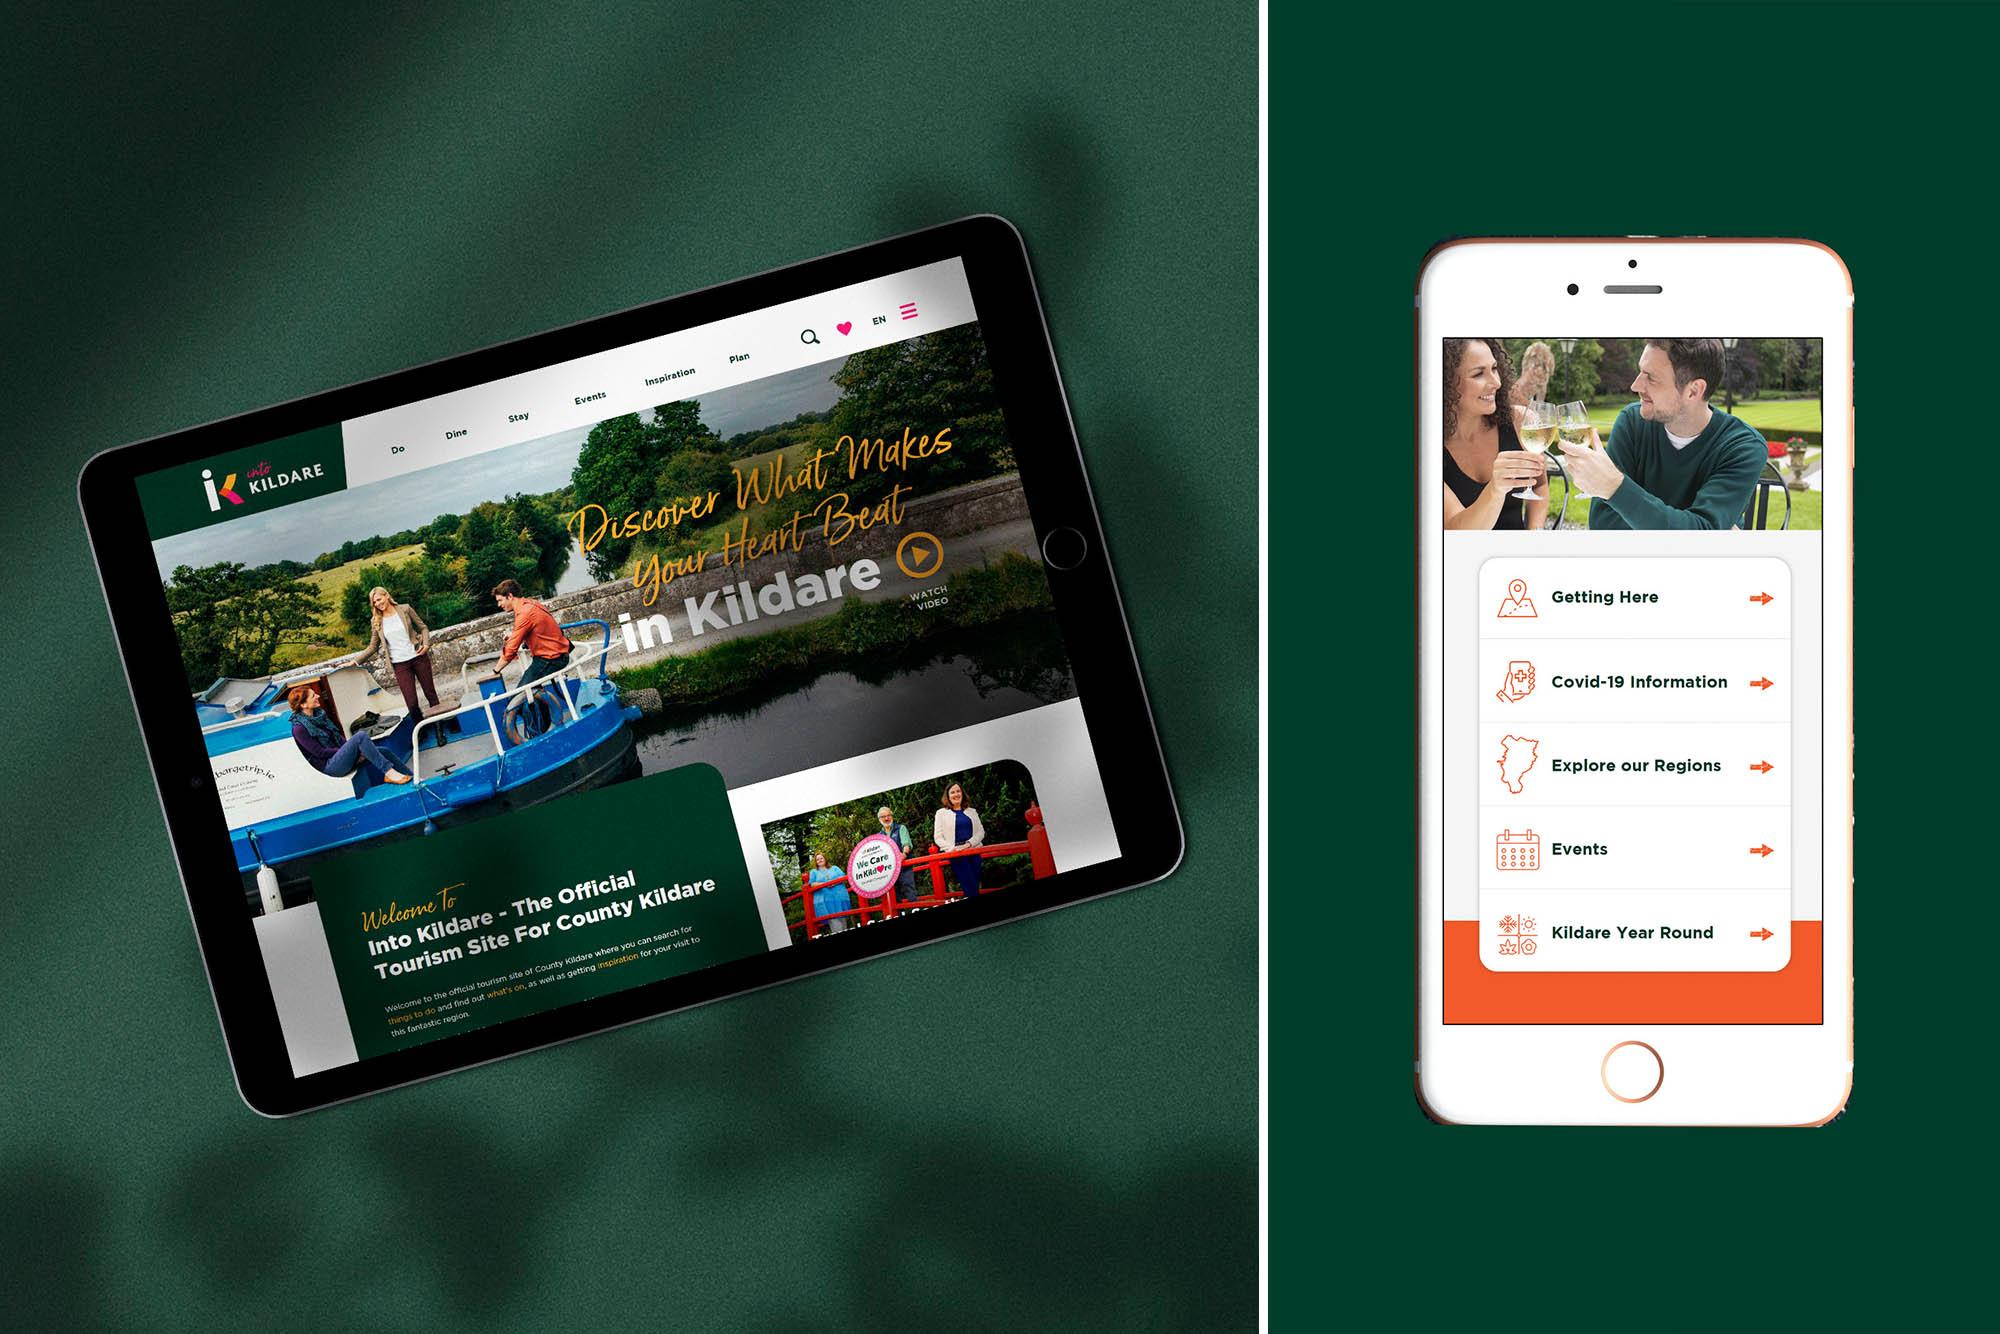 Into Kildare Homepage